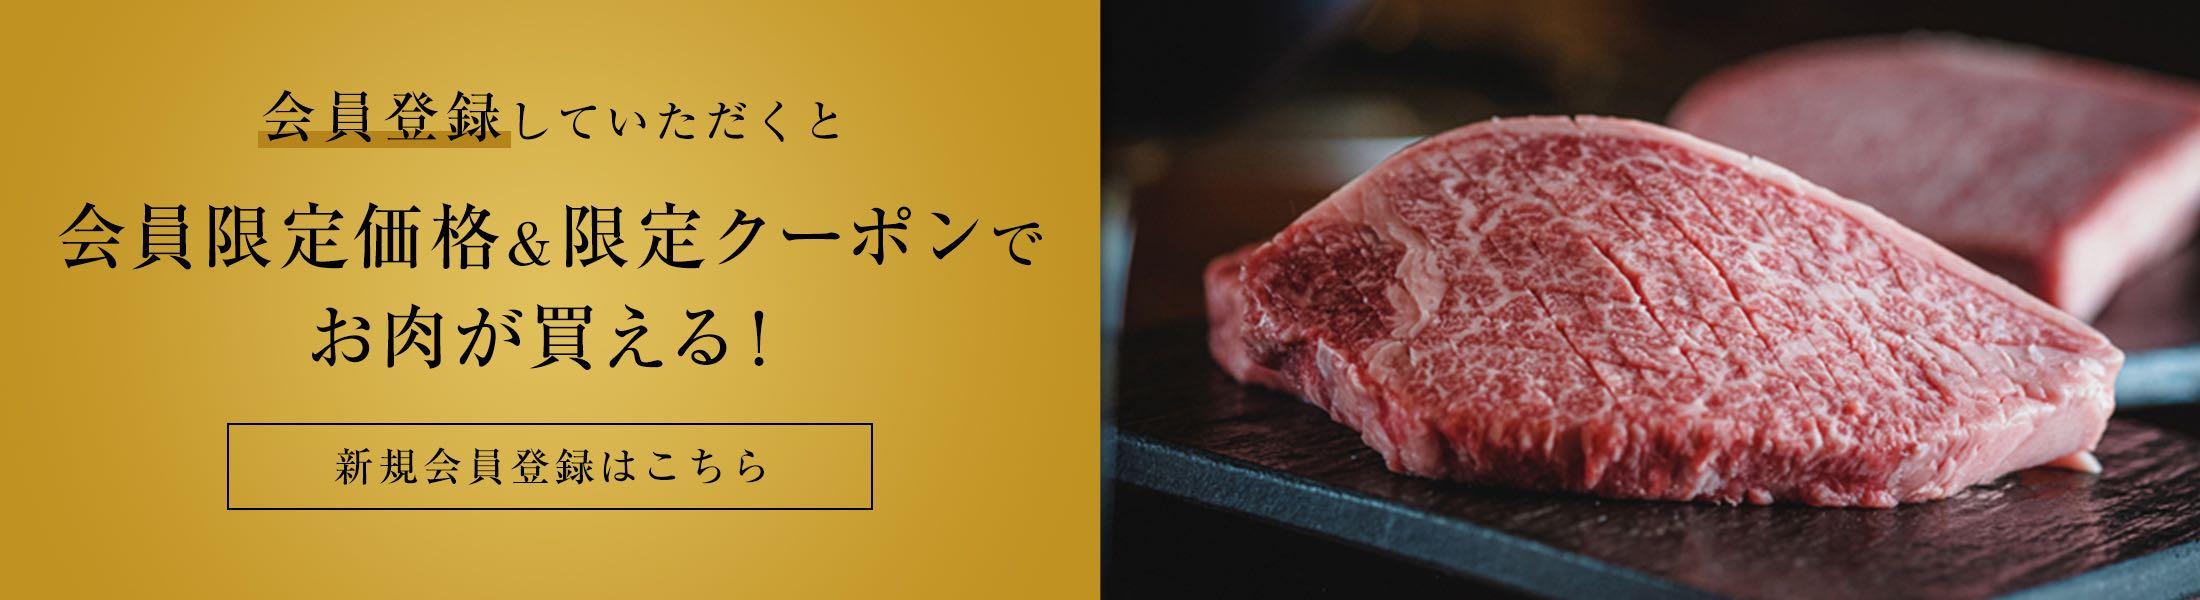 会員登録していただくと会員限定価格&限定クーポンでお肉が買える!